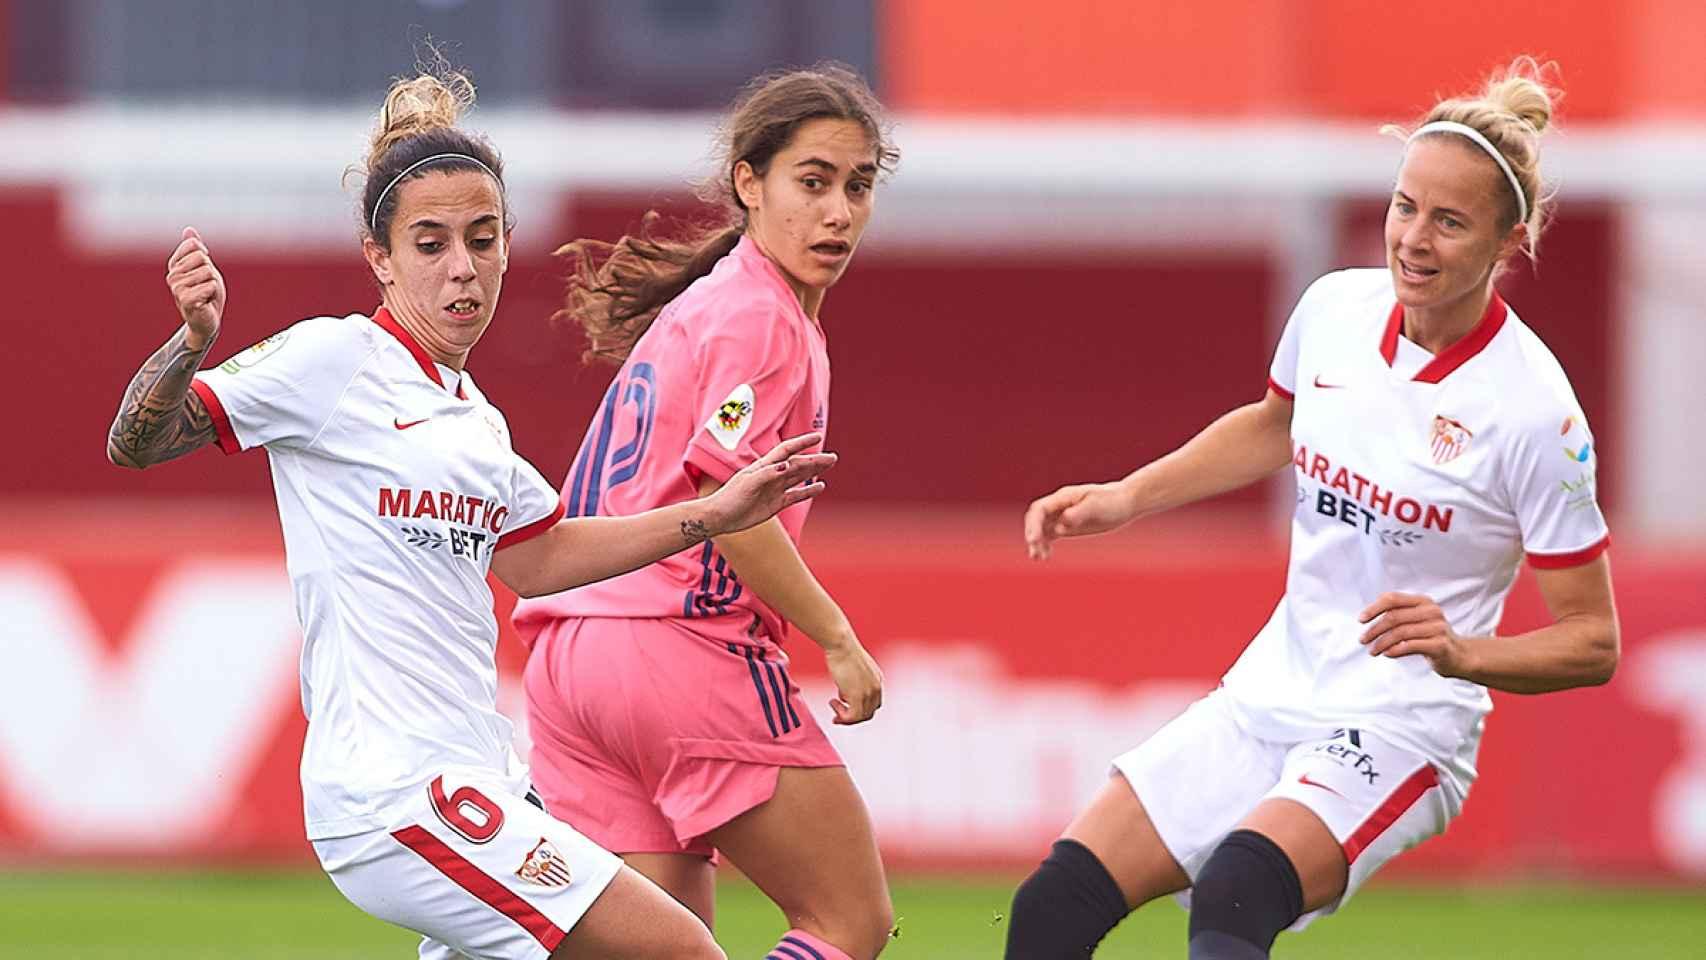 Lorena Navarro en el partido entre el Sevilla y el Real Madrid Femenino